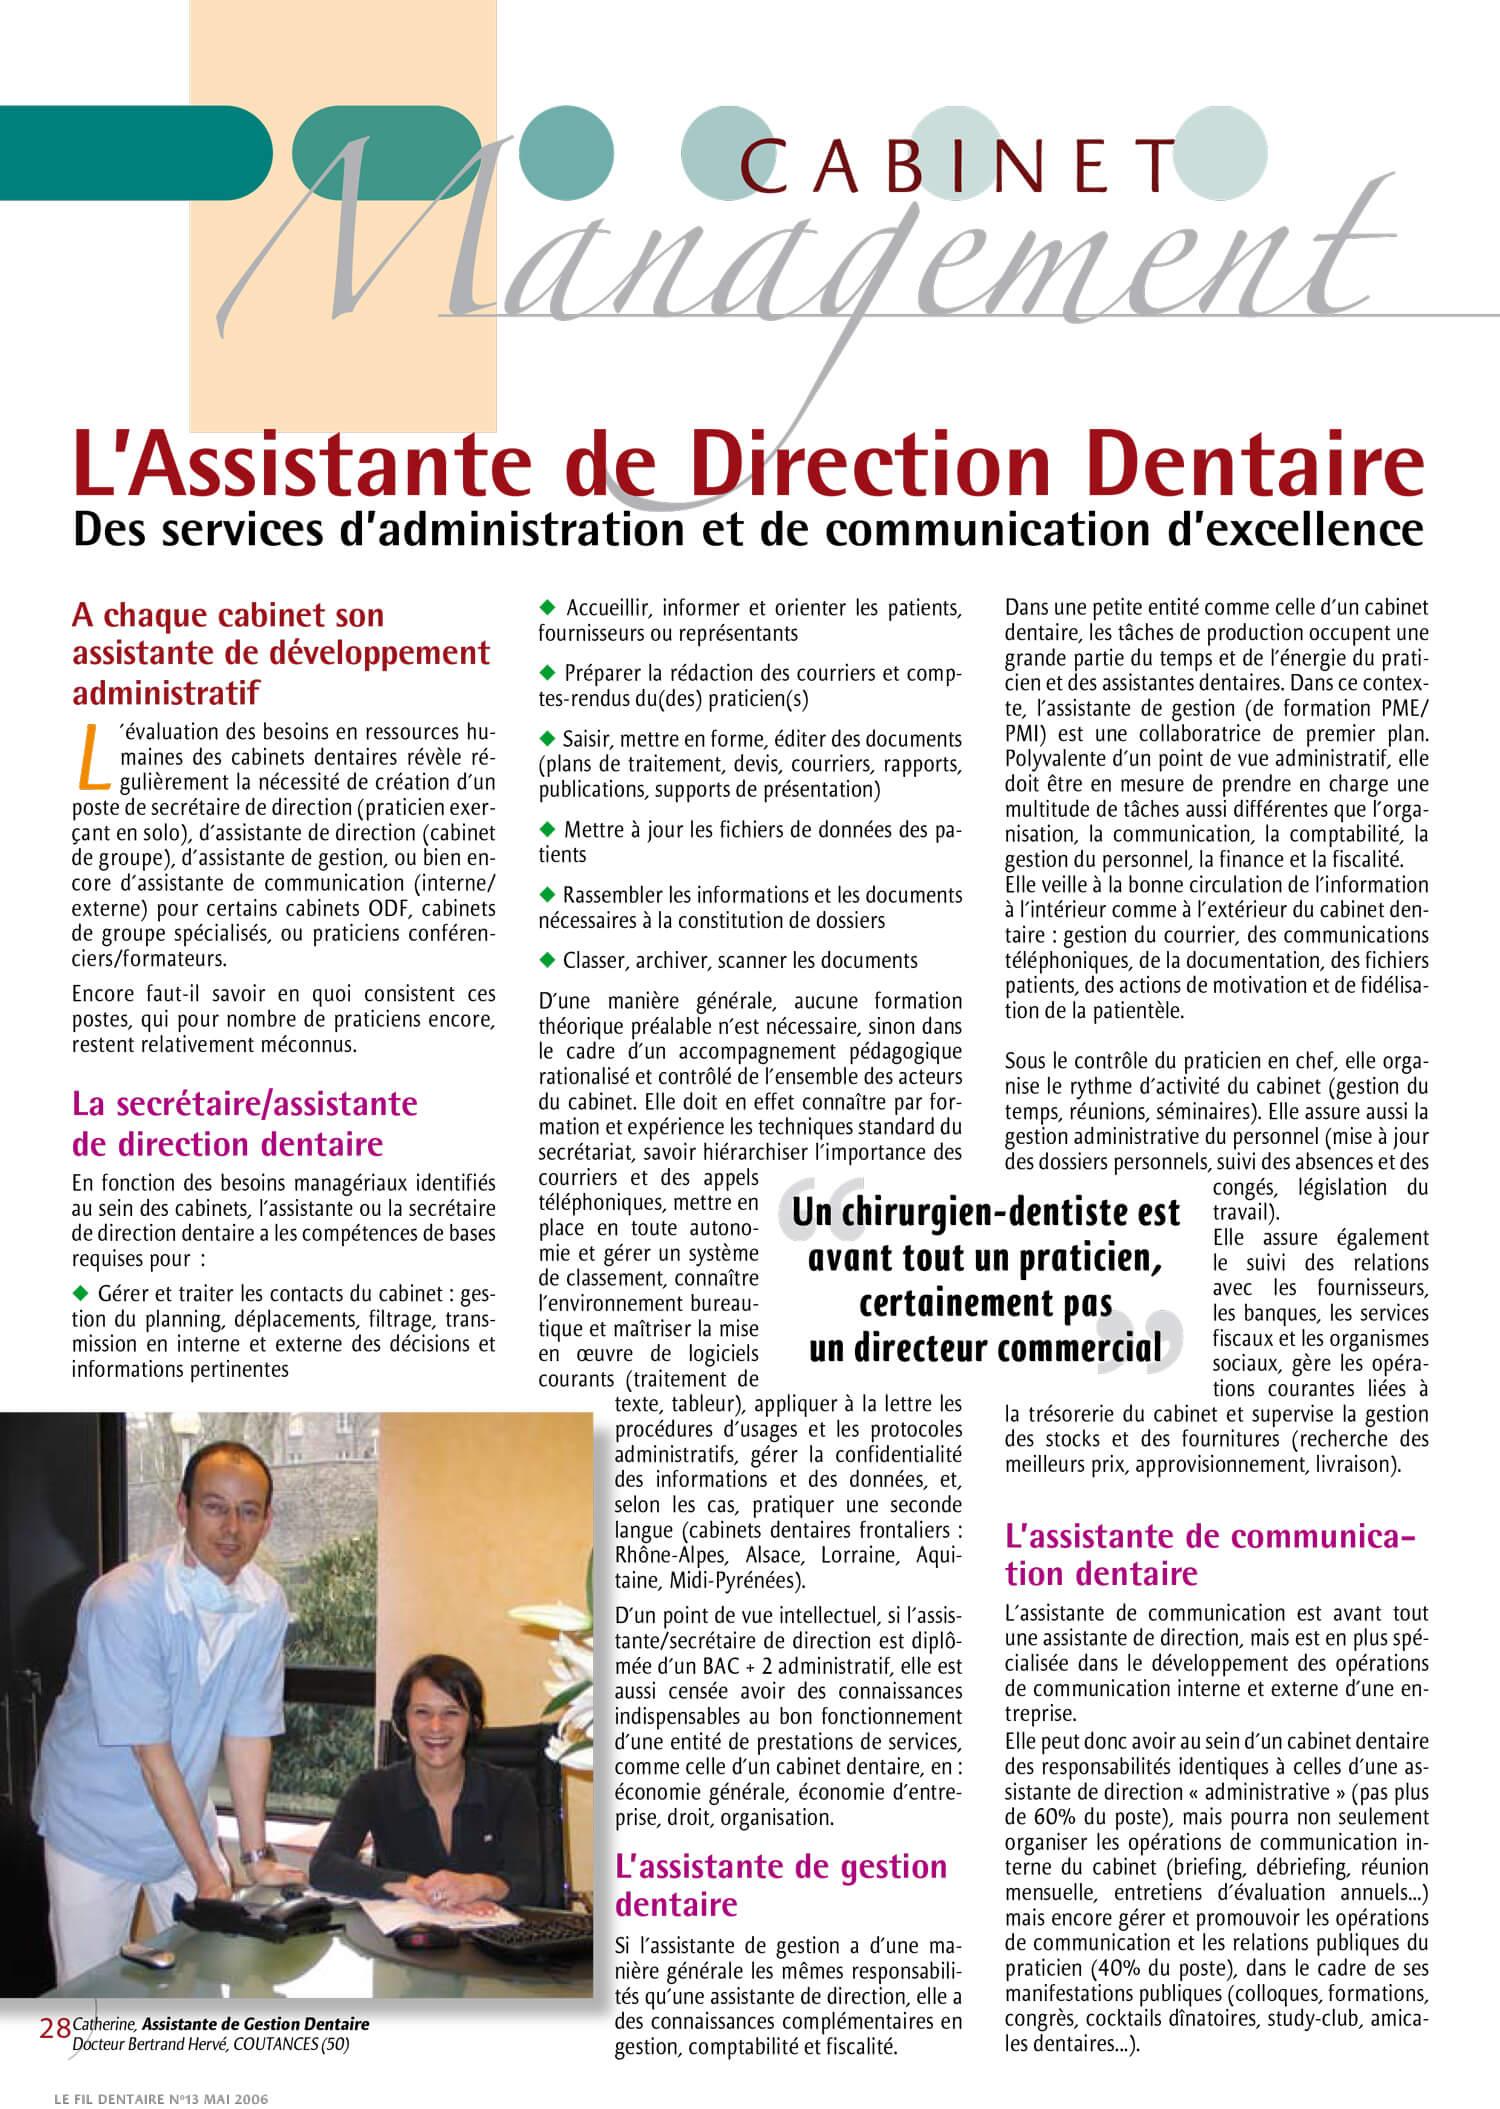 Le_Fil_Dentaire_assistante_de_direction_en_cabinet_dentaire_2_Rodolphe_Cochet.jpg